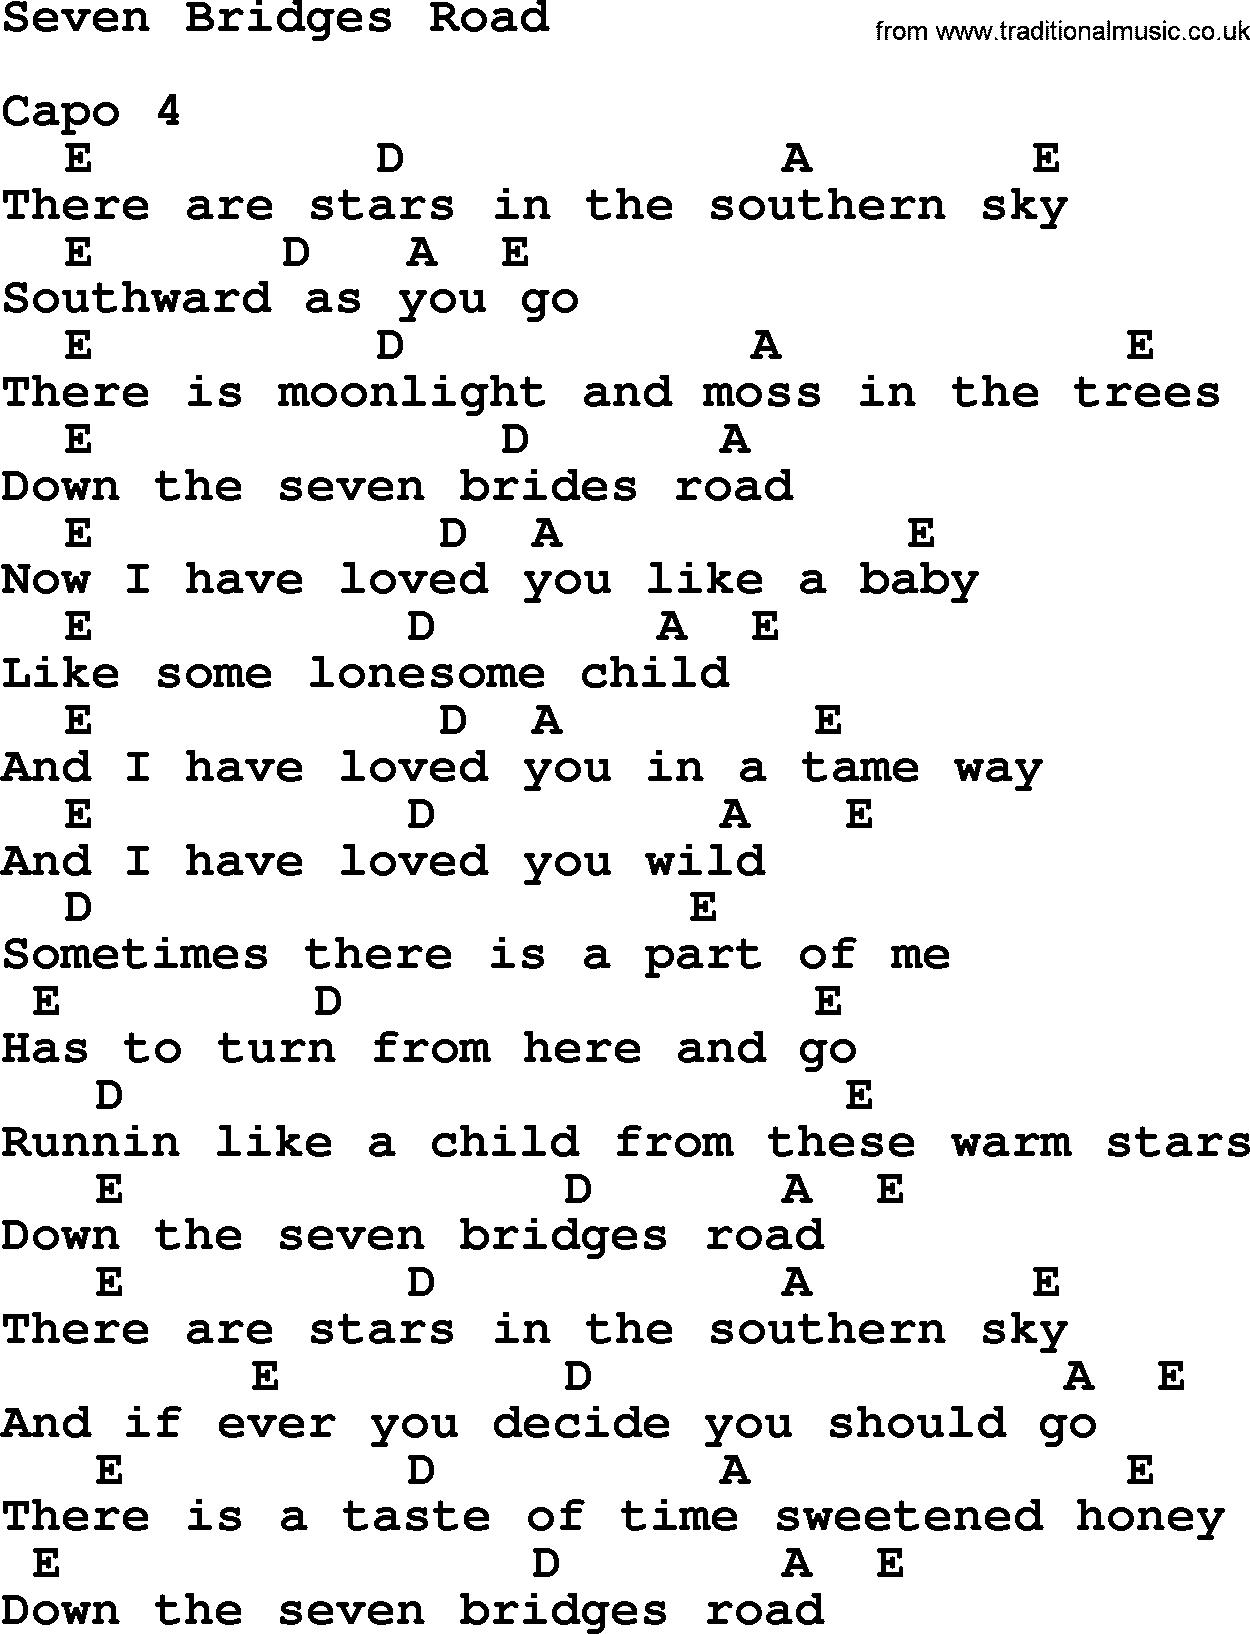 Dolly parton song seven bridges road lyrics and chords guitar dolly parton song seven bridges road lyrics and chords hexwebz Images